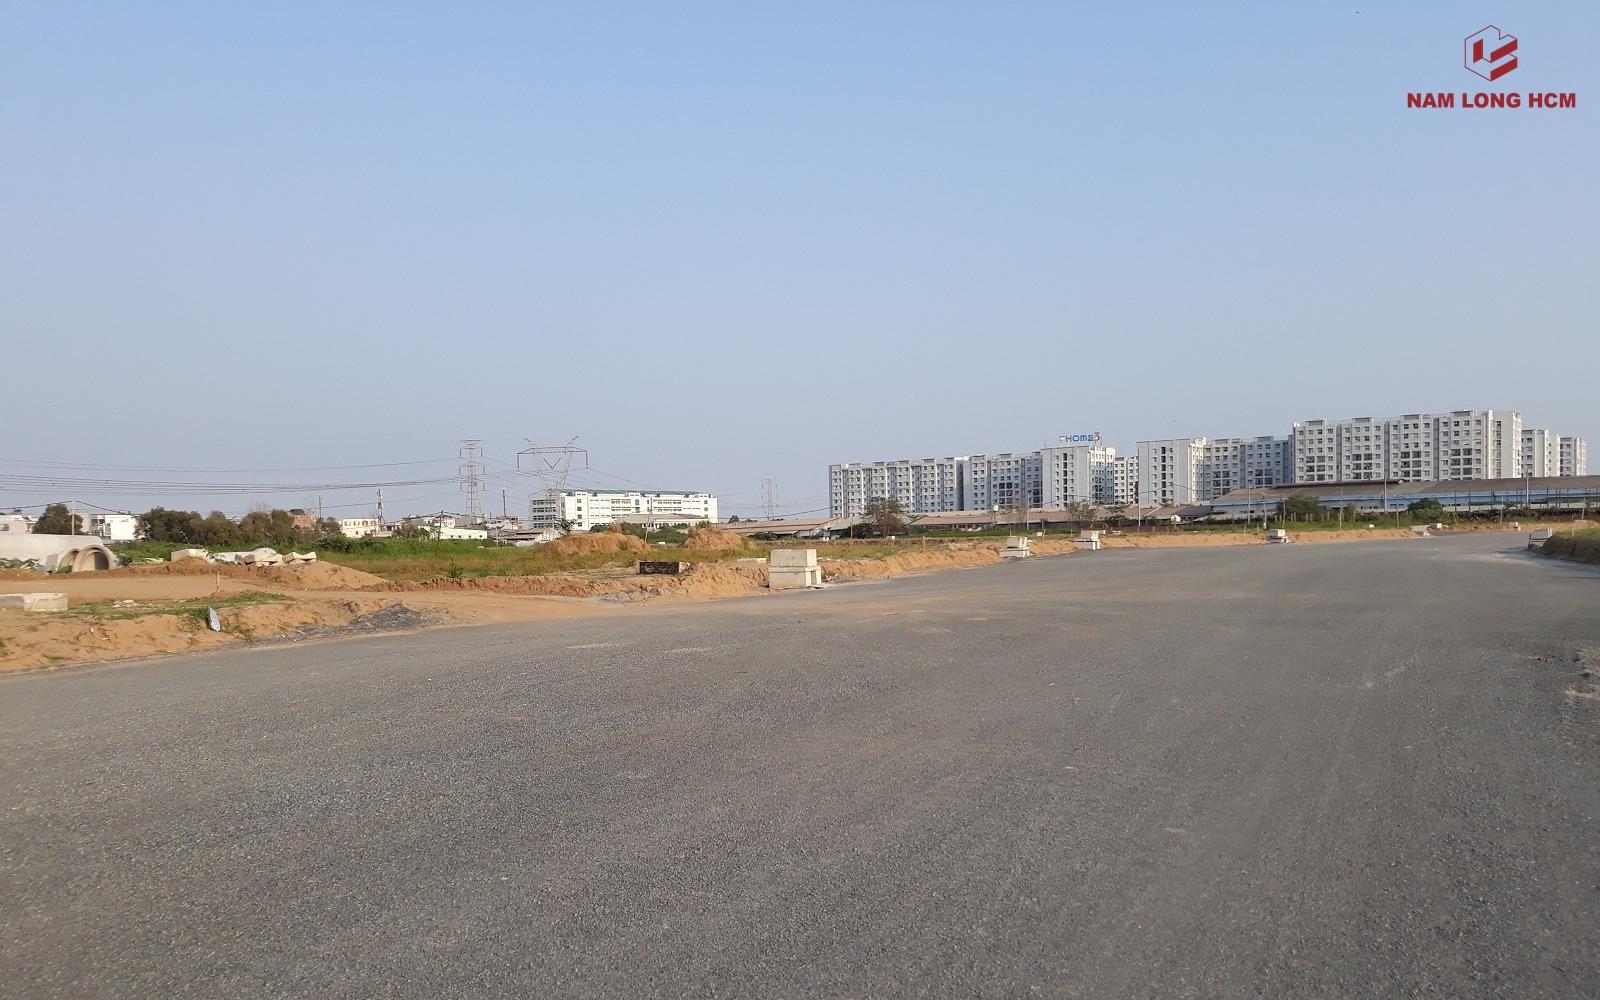 Dự án Akari City nằm ngay cạnh dự án Ehome 3 của Nam Long. Ảnh: Nam Long HCM